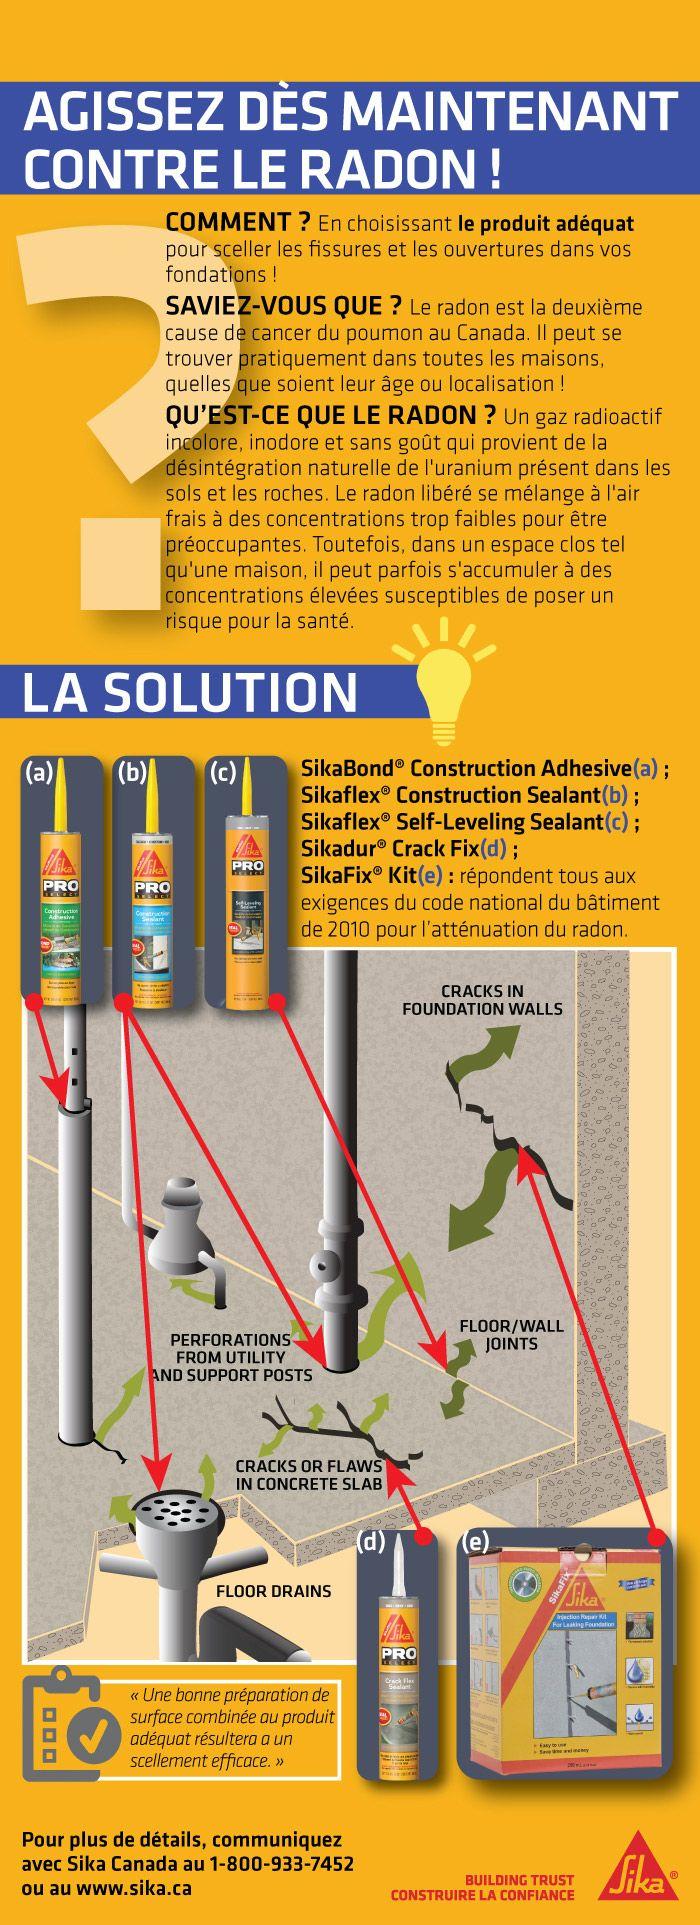 Agissez contre le radon